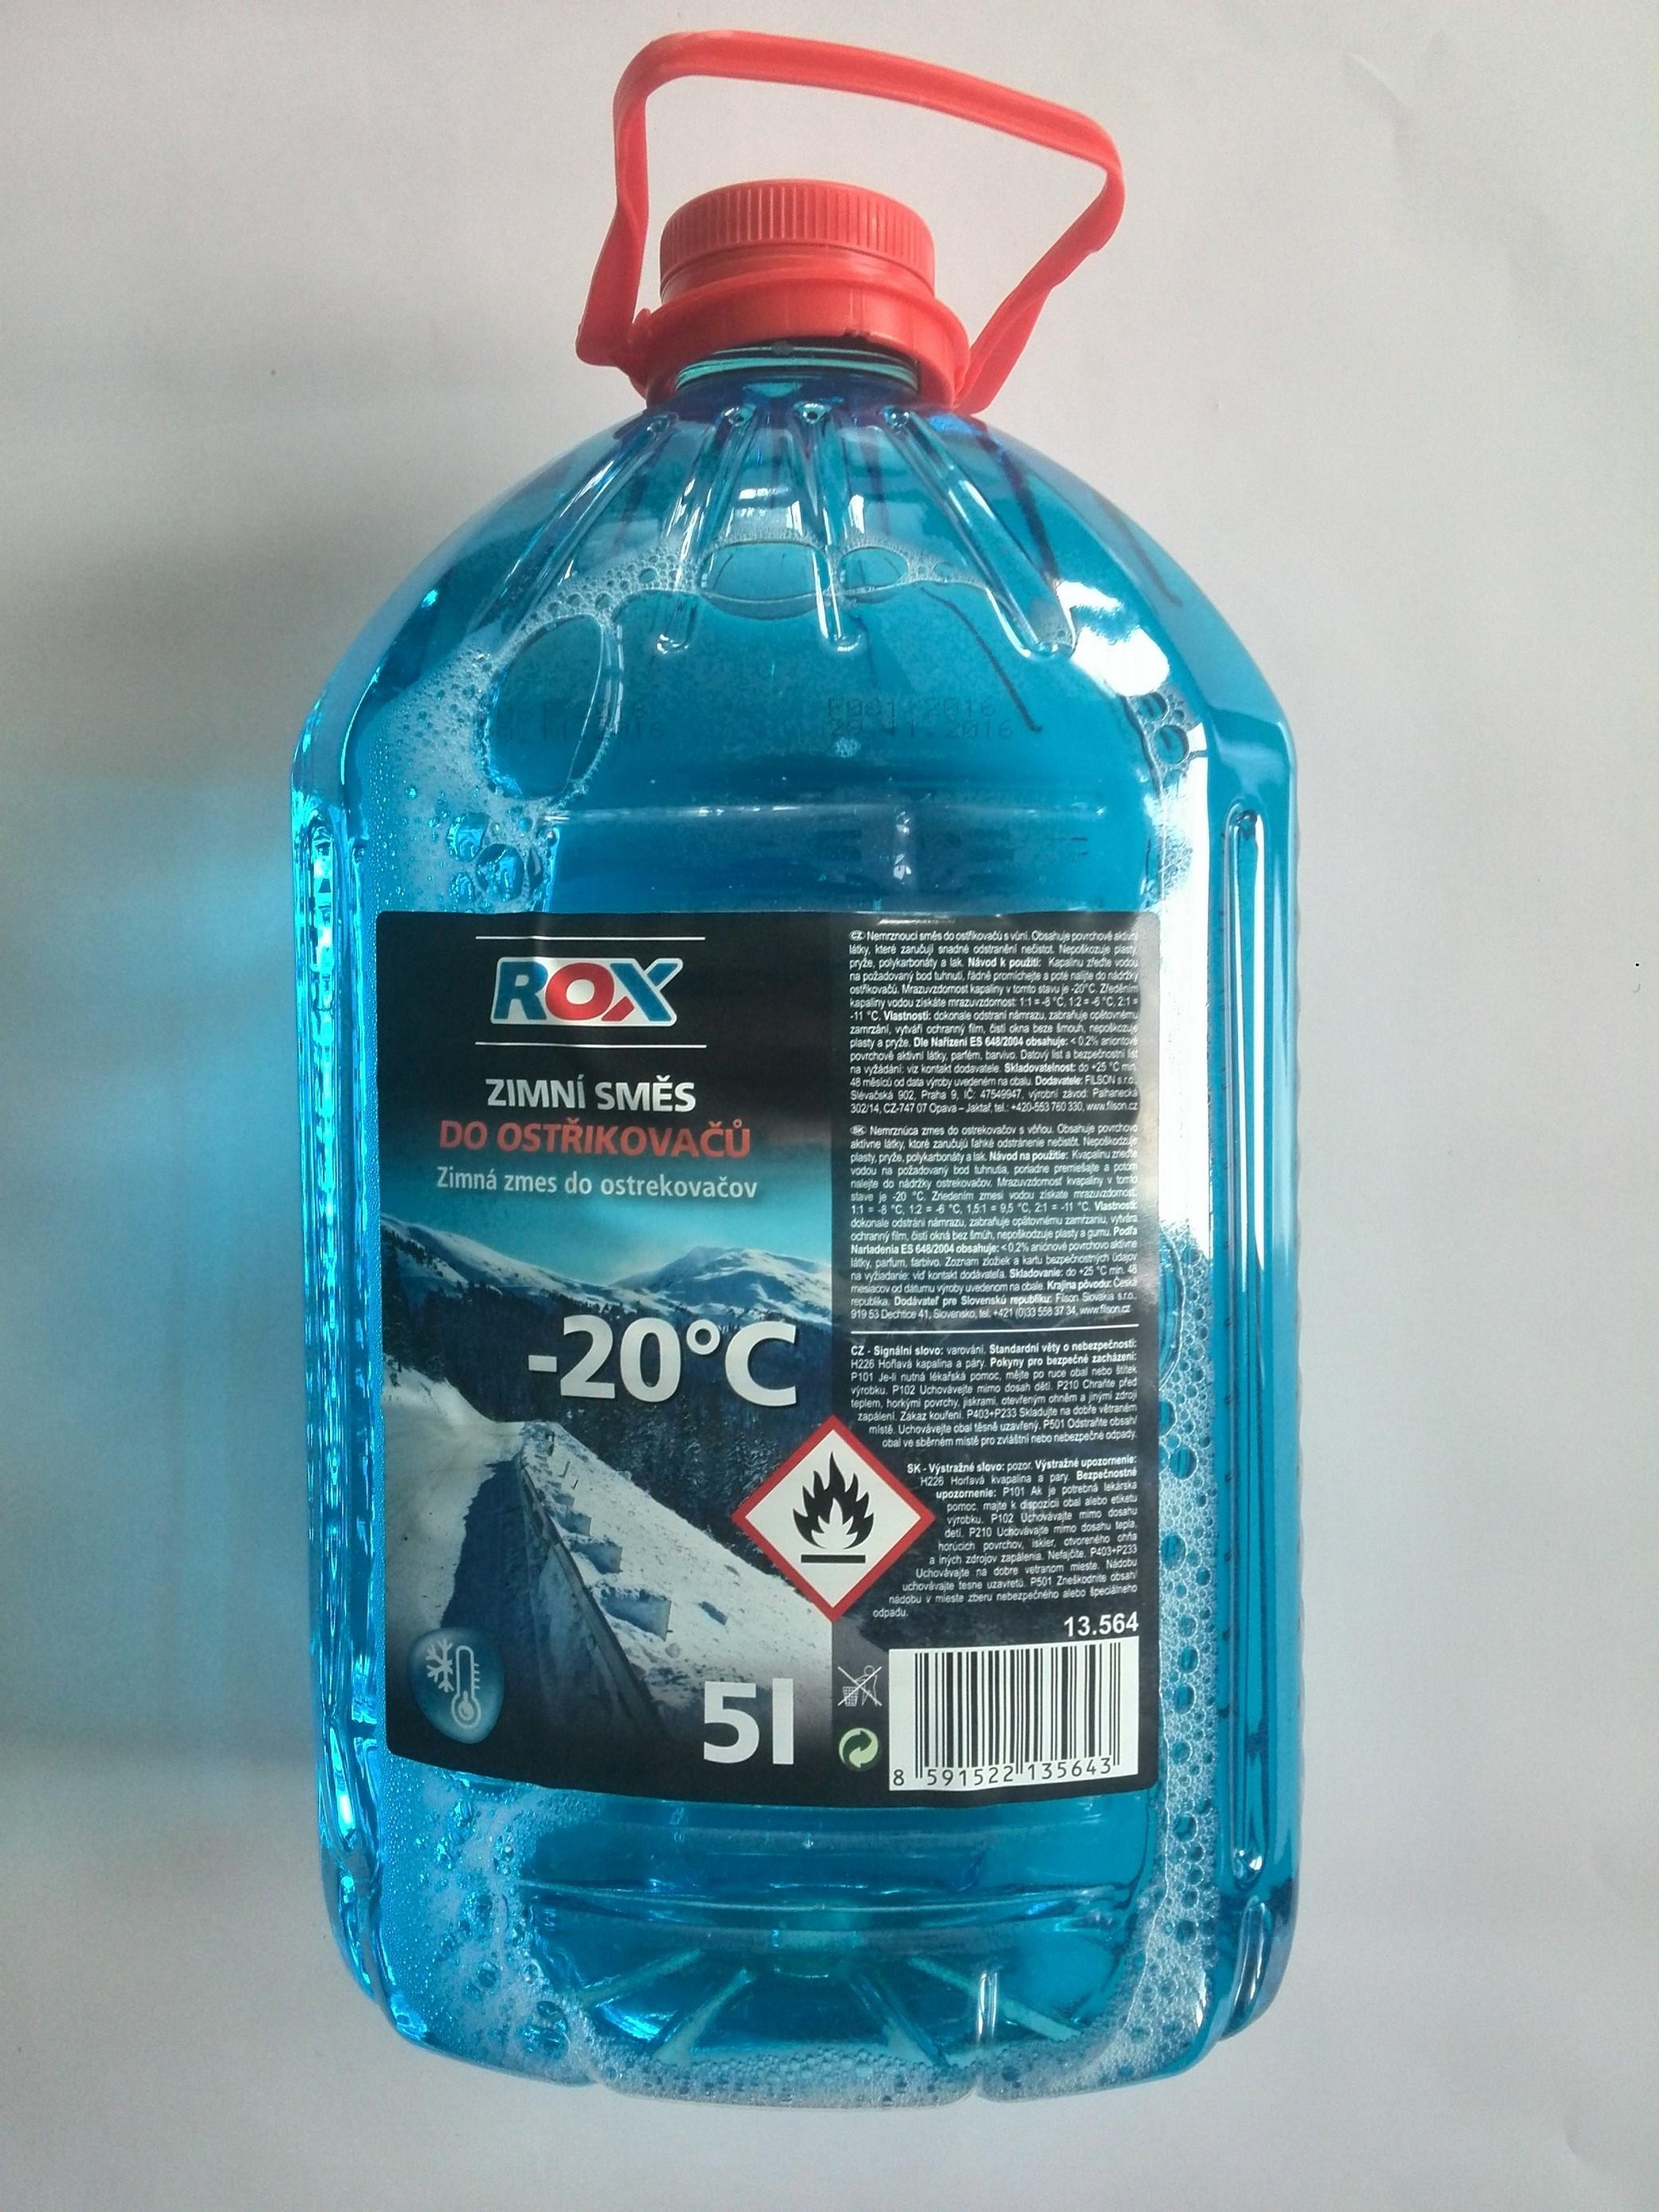 Nemrznoucí směs do ostřikovačů -20°C, 5L PET láhev 13.564